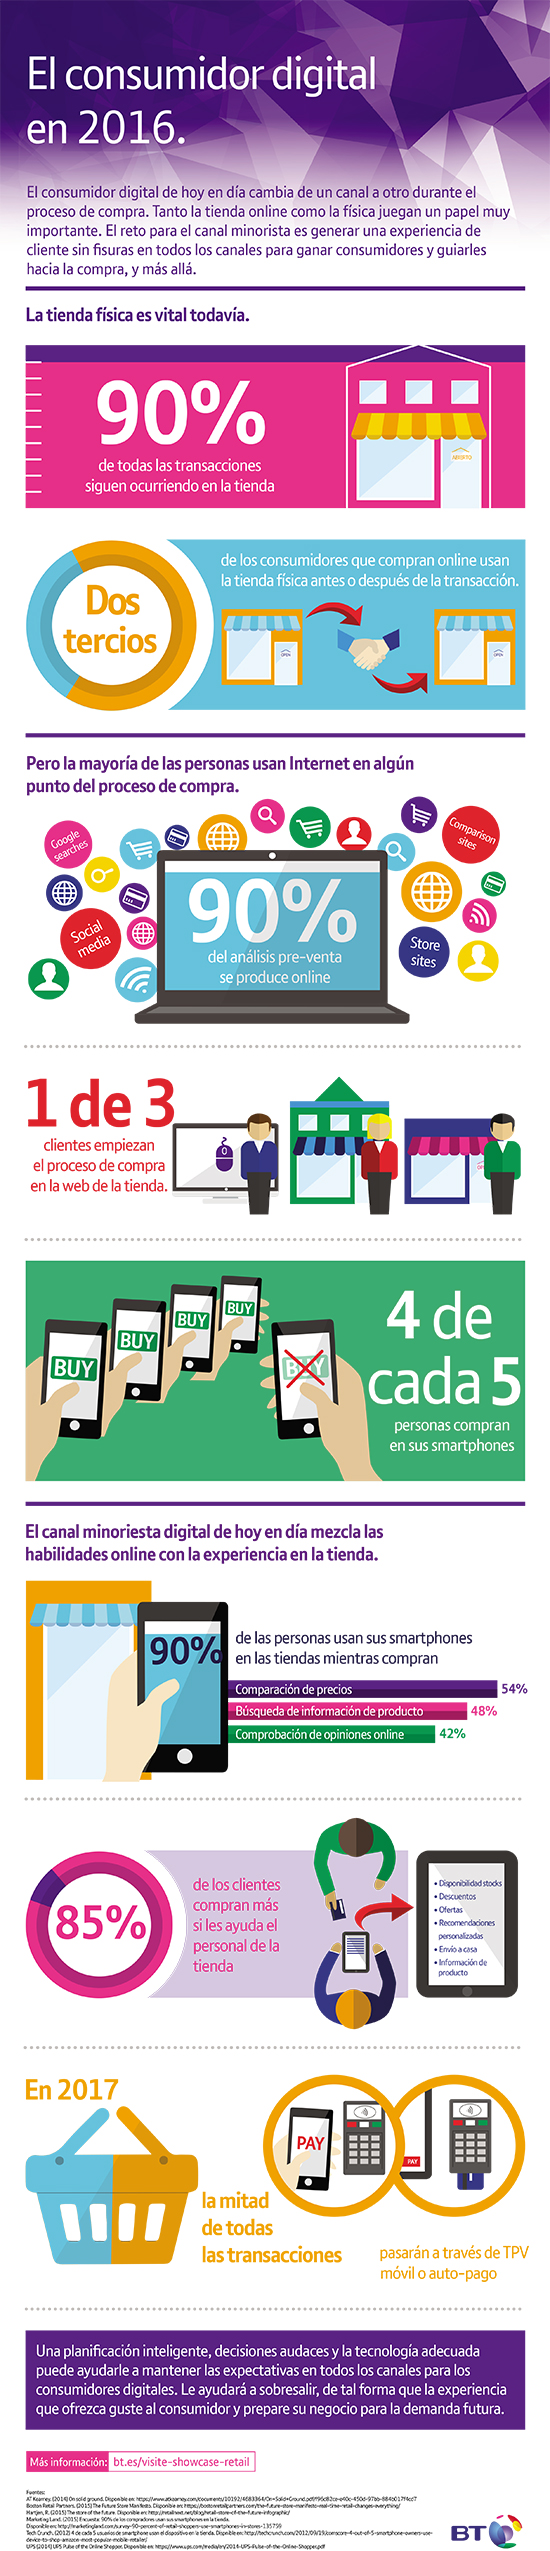 el-consumidor-digital-infografia